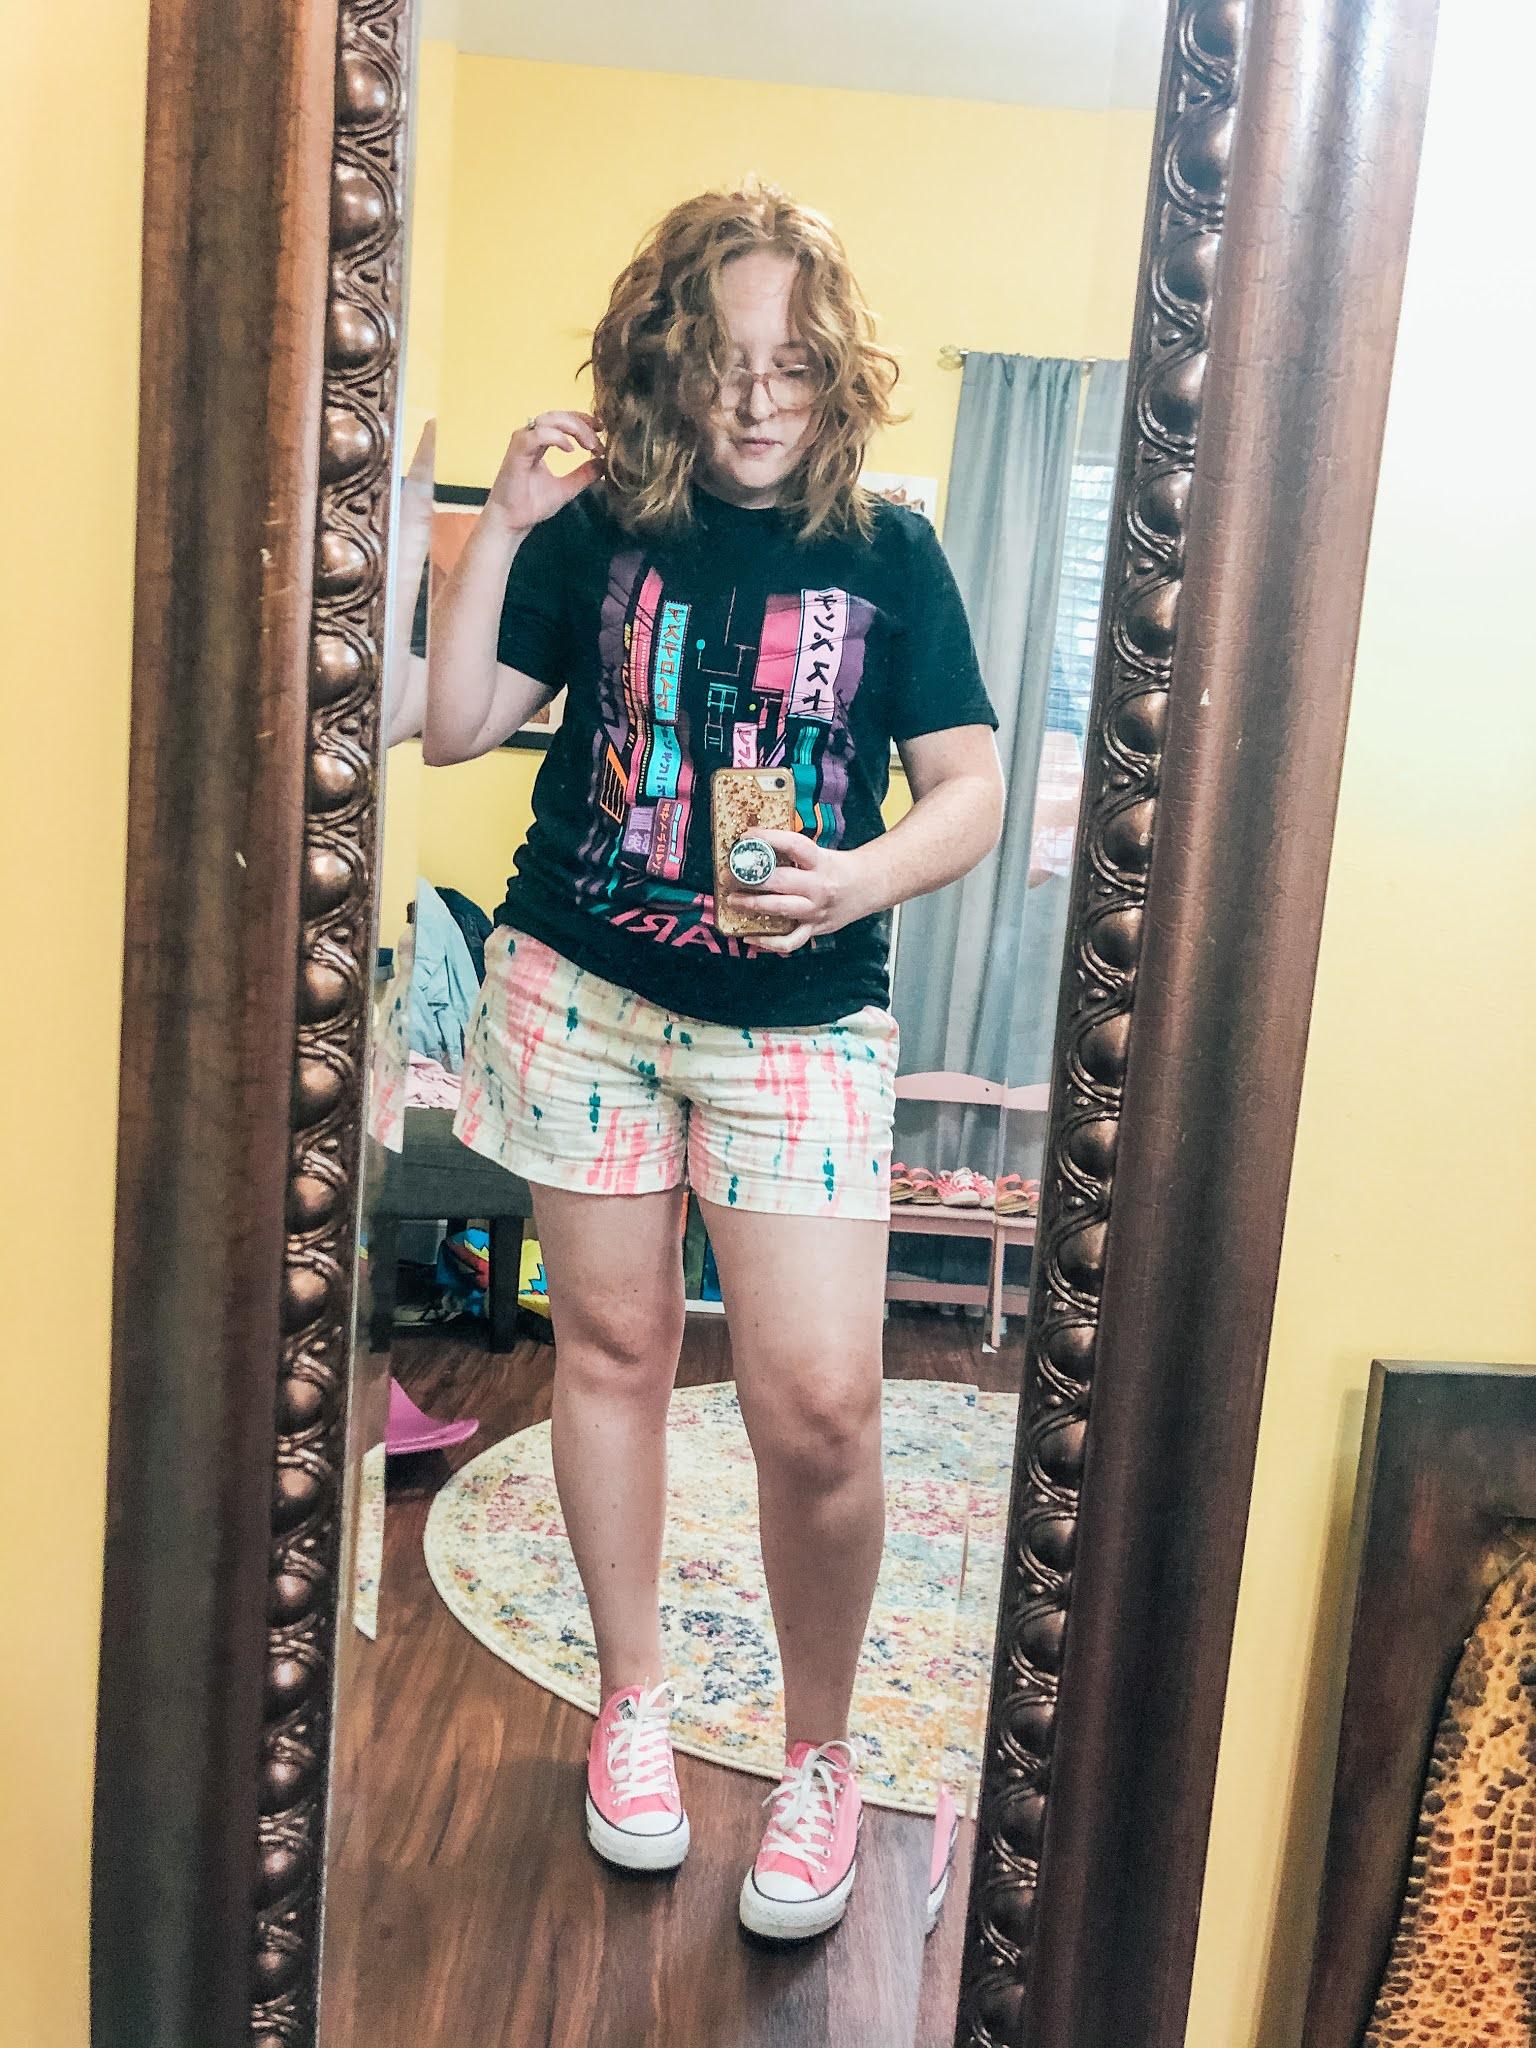 atari-graphic-tee-tie-dye-shorts